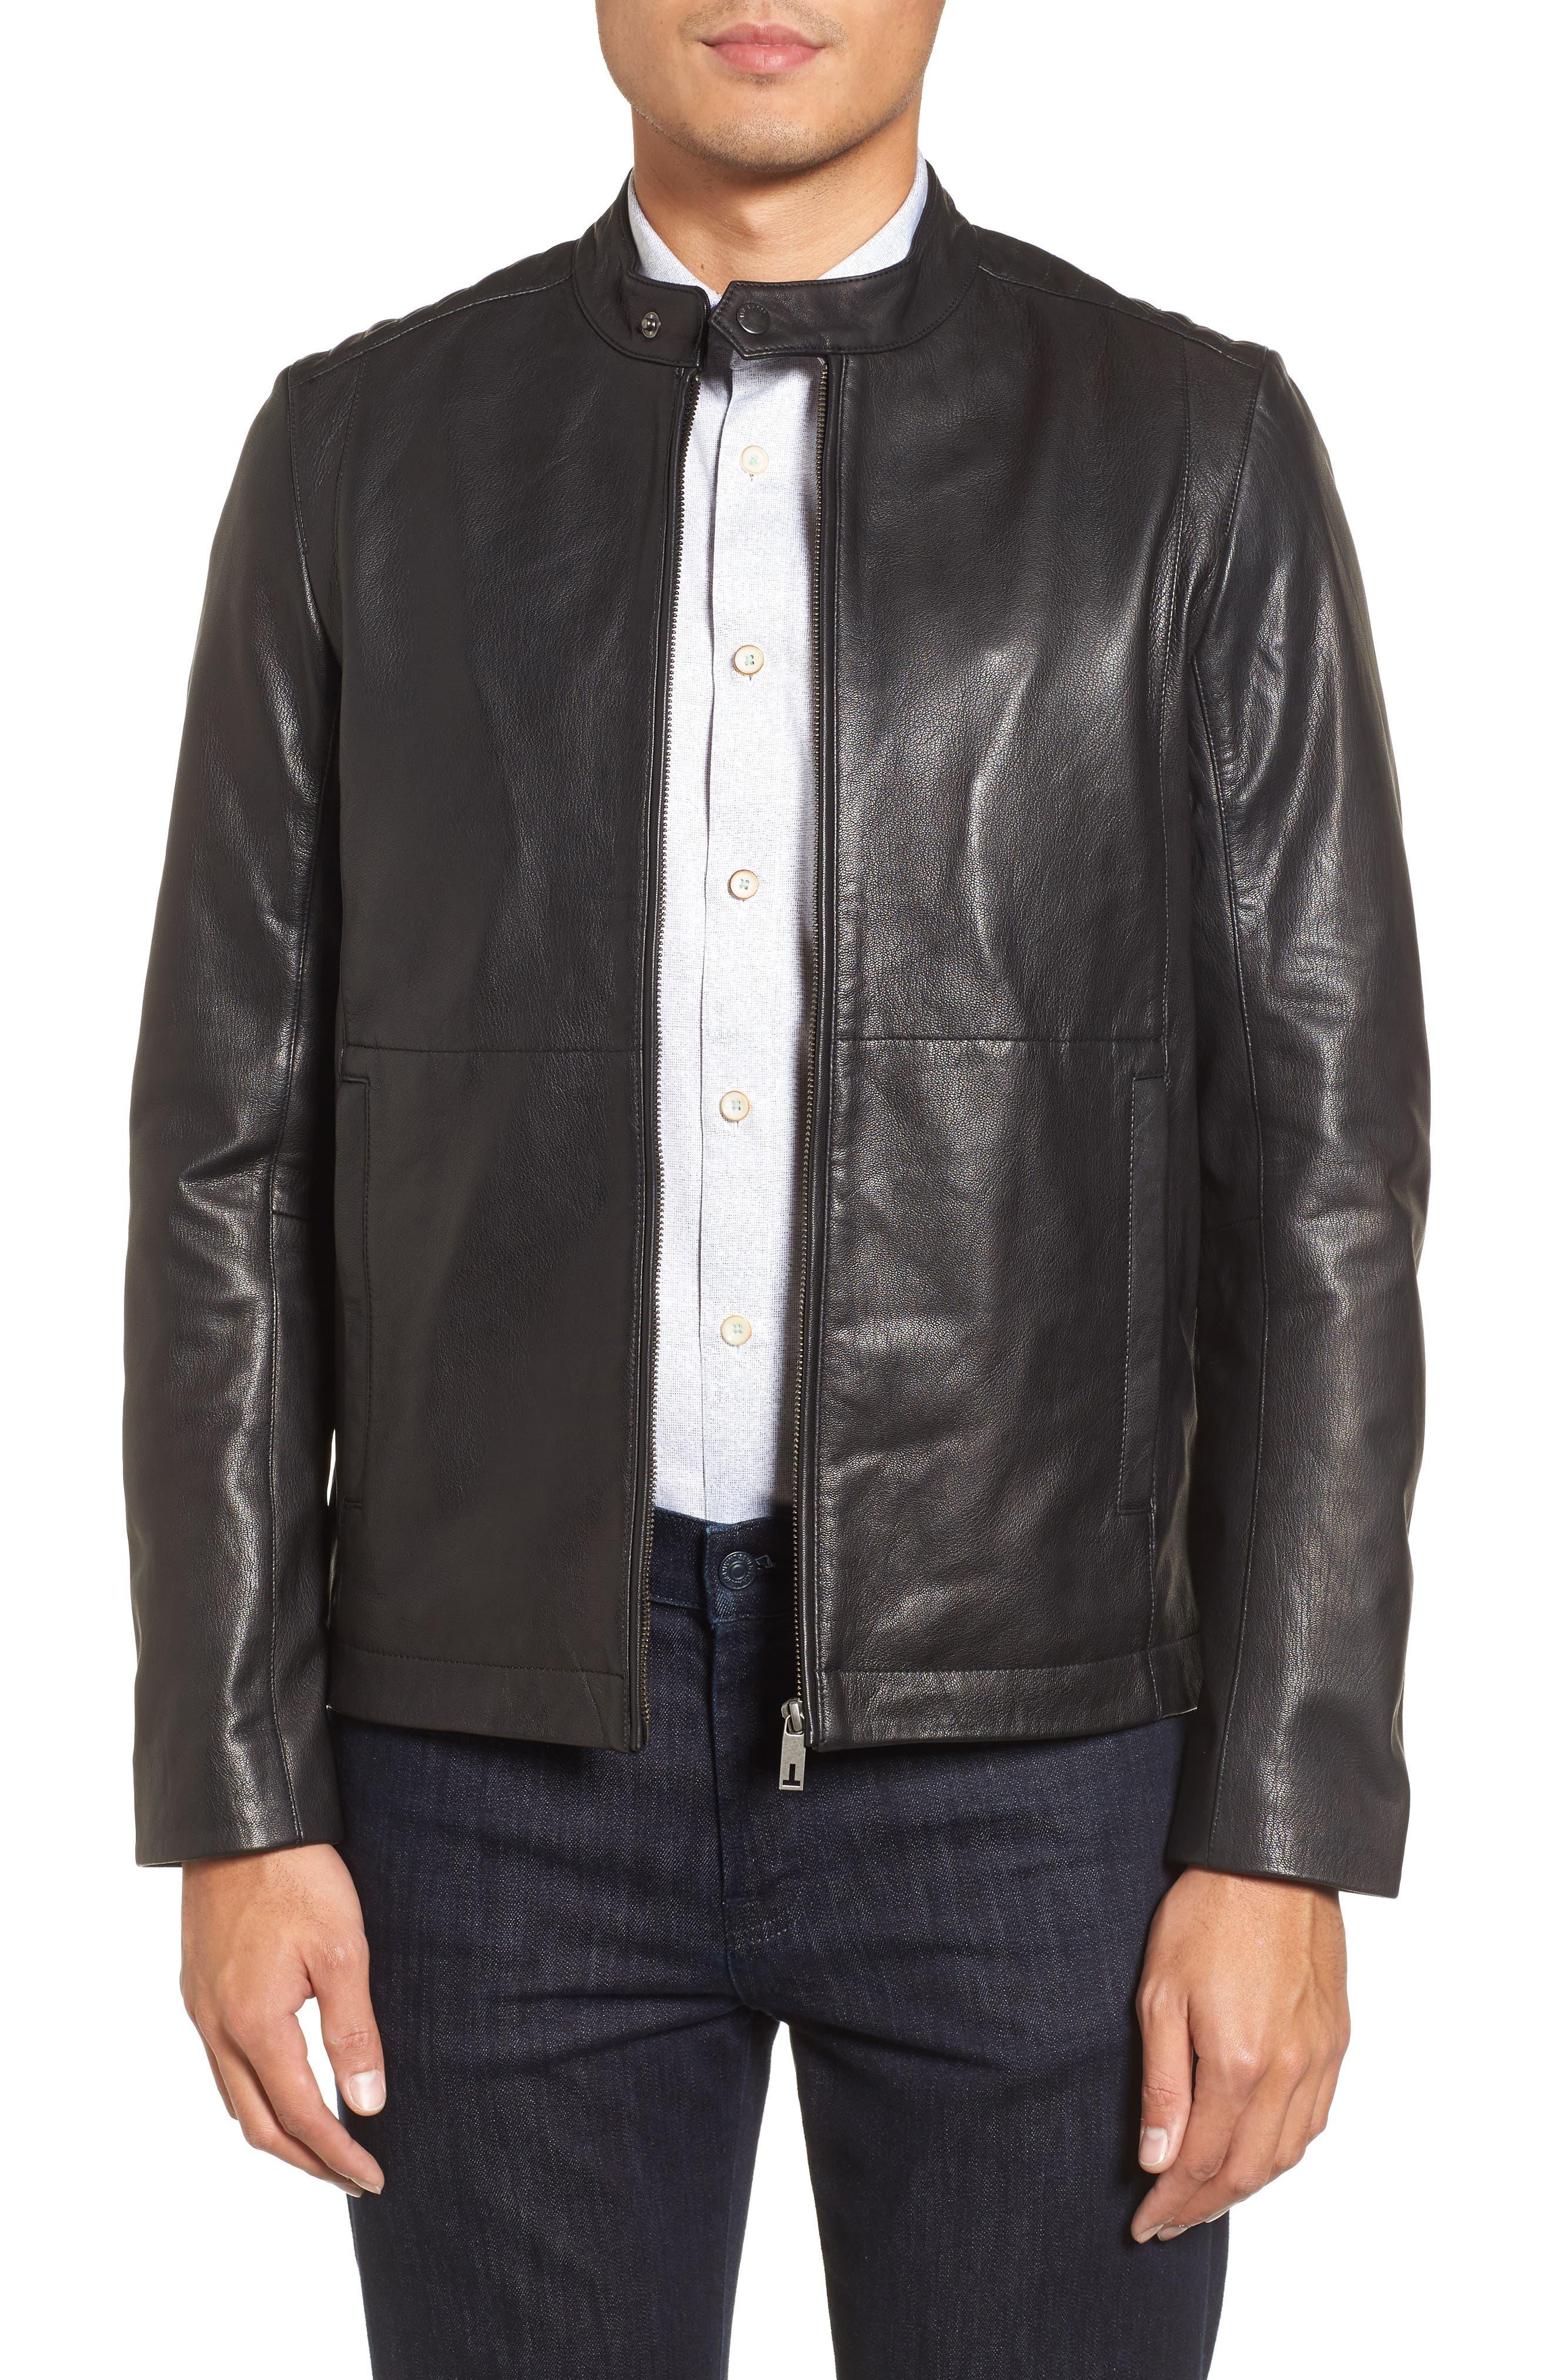 Mate Leather Biker Jacket,                         Main,                         color, 001